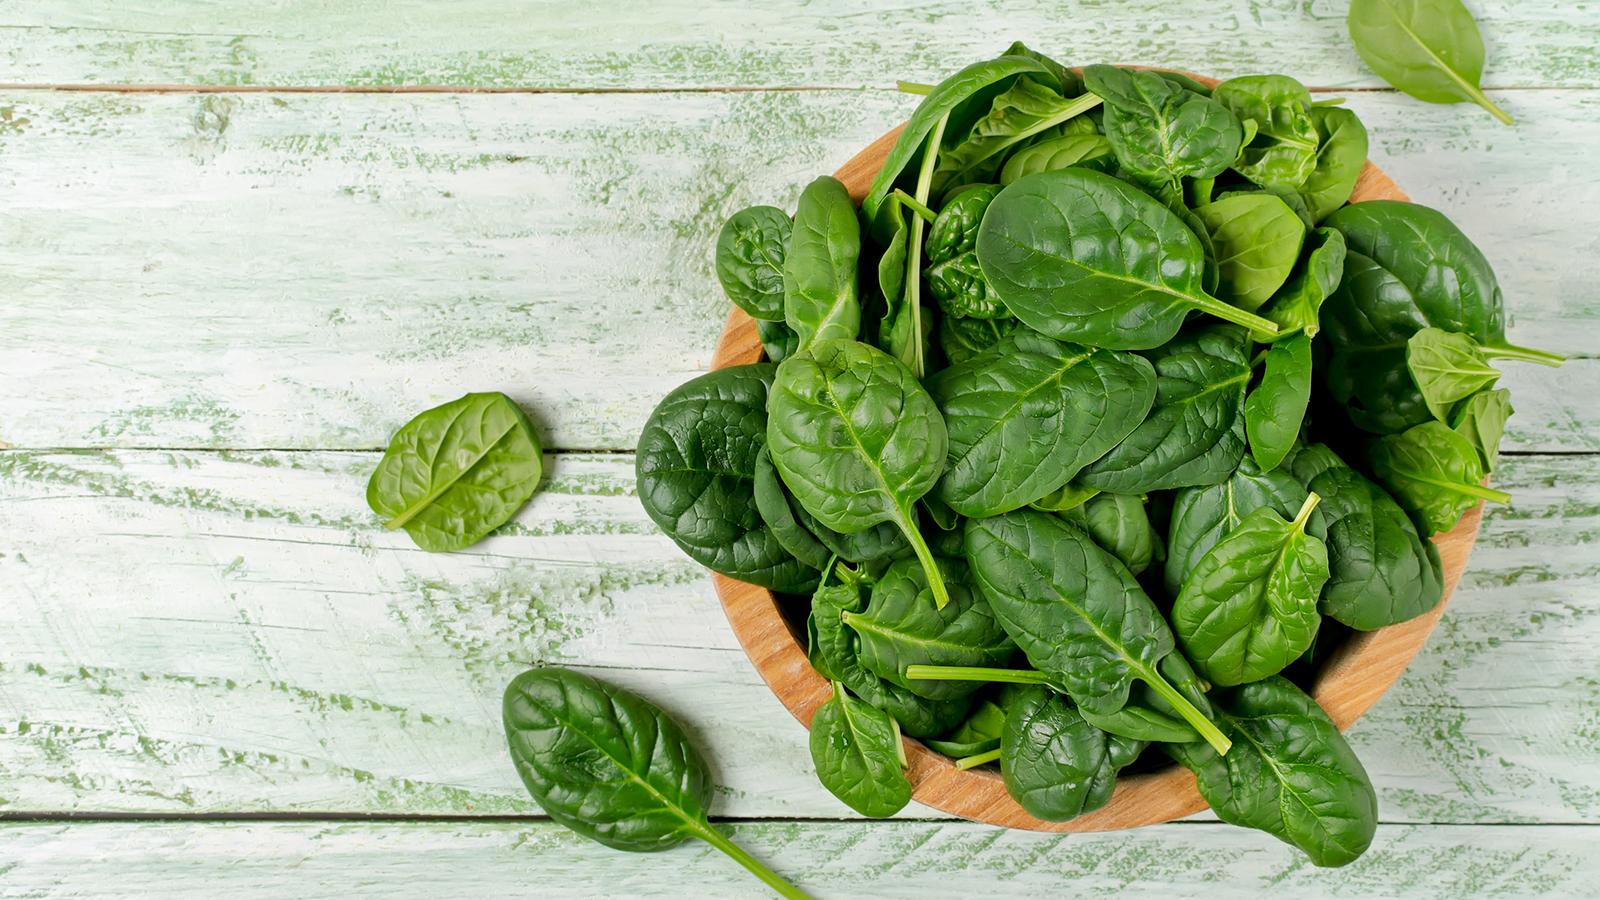 ほうれん草は糖質制限中に食べていい?美容にもいい食べ方のコツをご紹介!